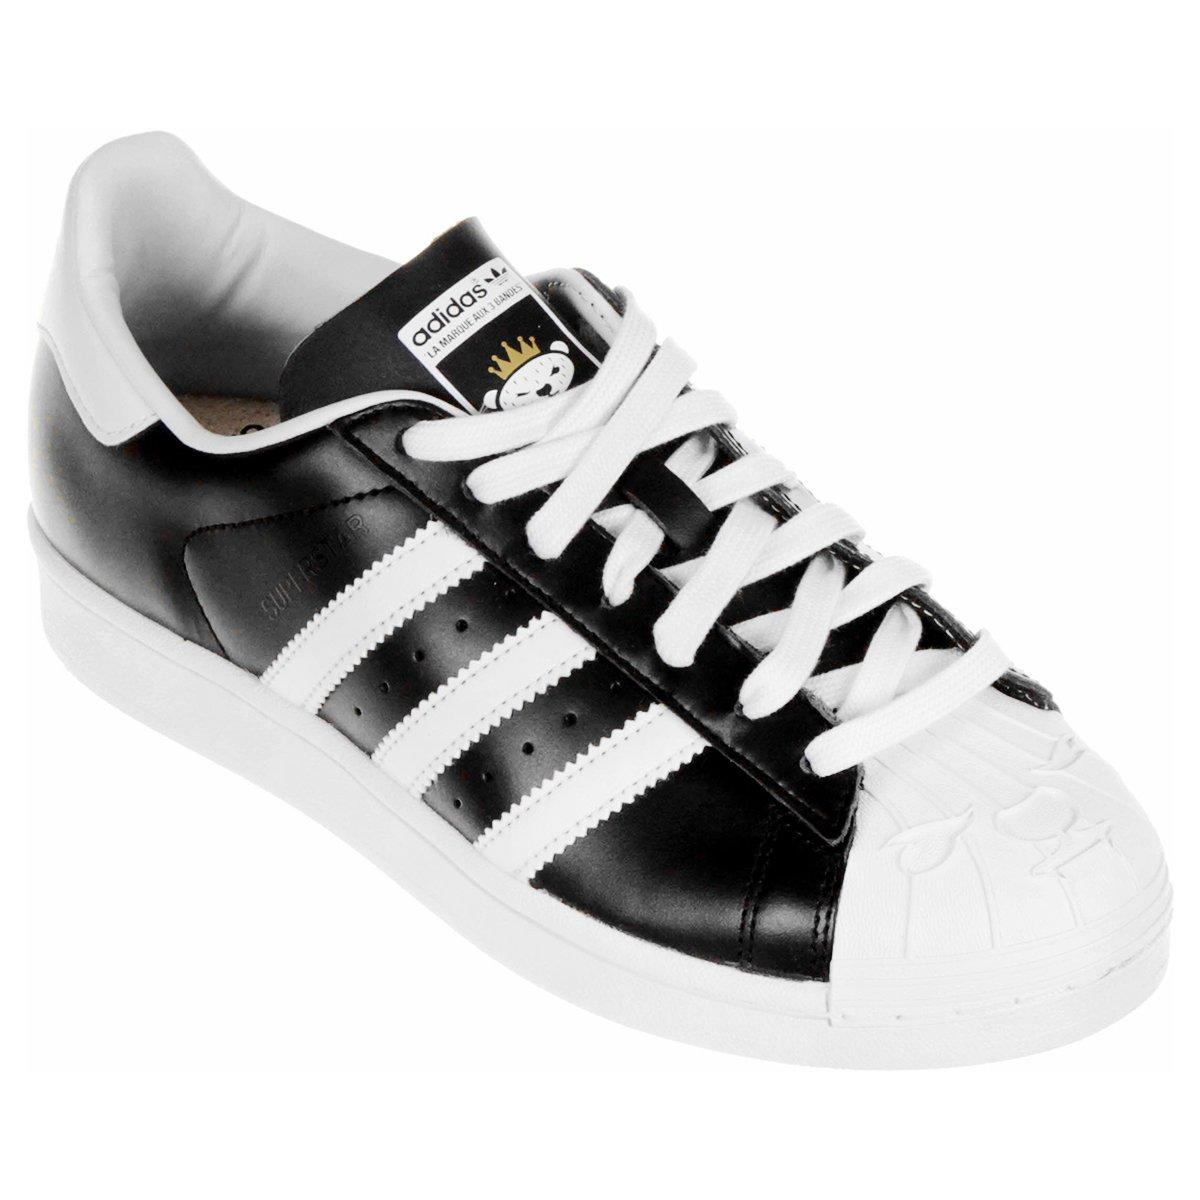 f044c77e9c3c1 ... branco e preto ac160 3e979 spain tênis adidas superstar nigo compre  agora netshoes 2f5f3 89f08 wholesale tênis adidas originals ...